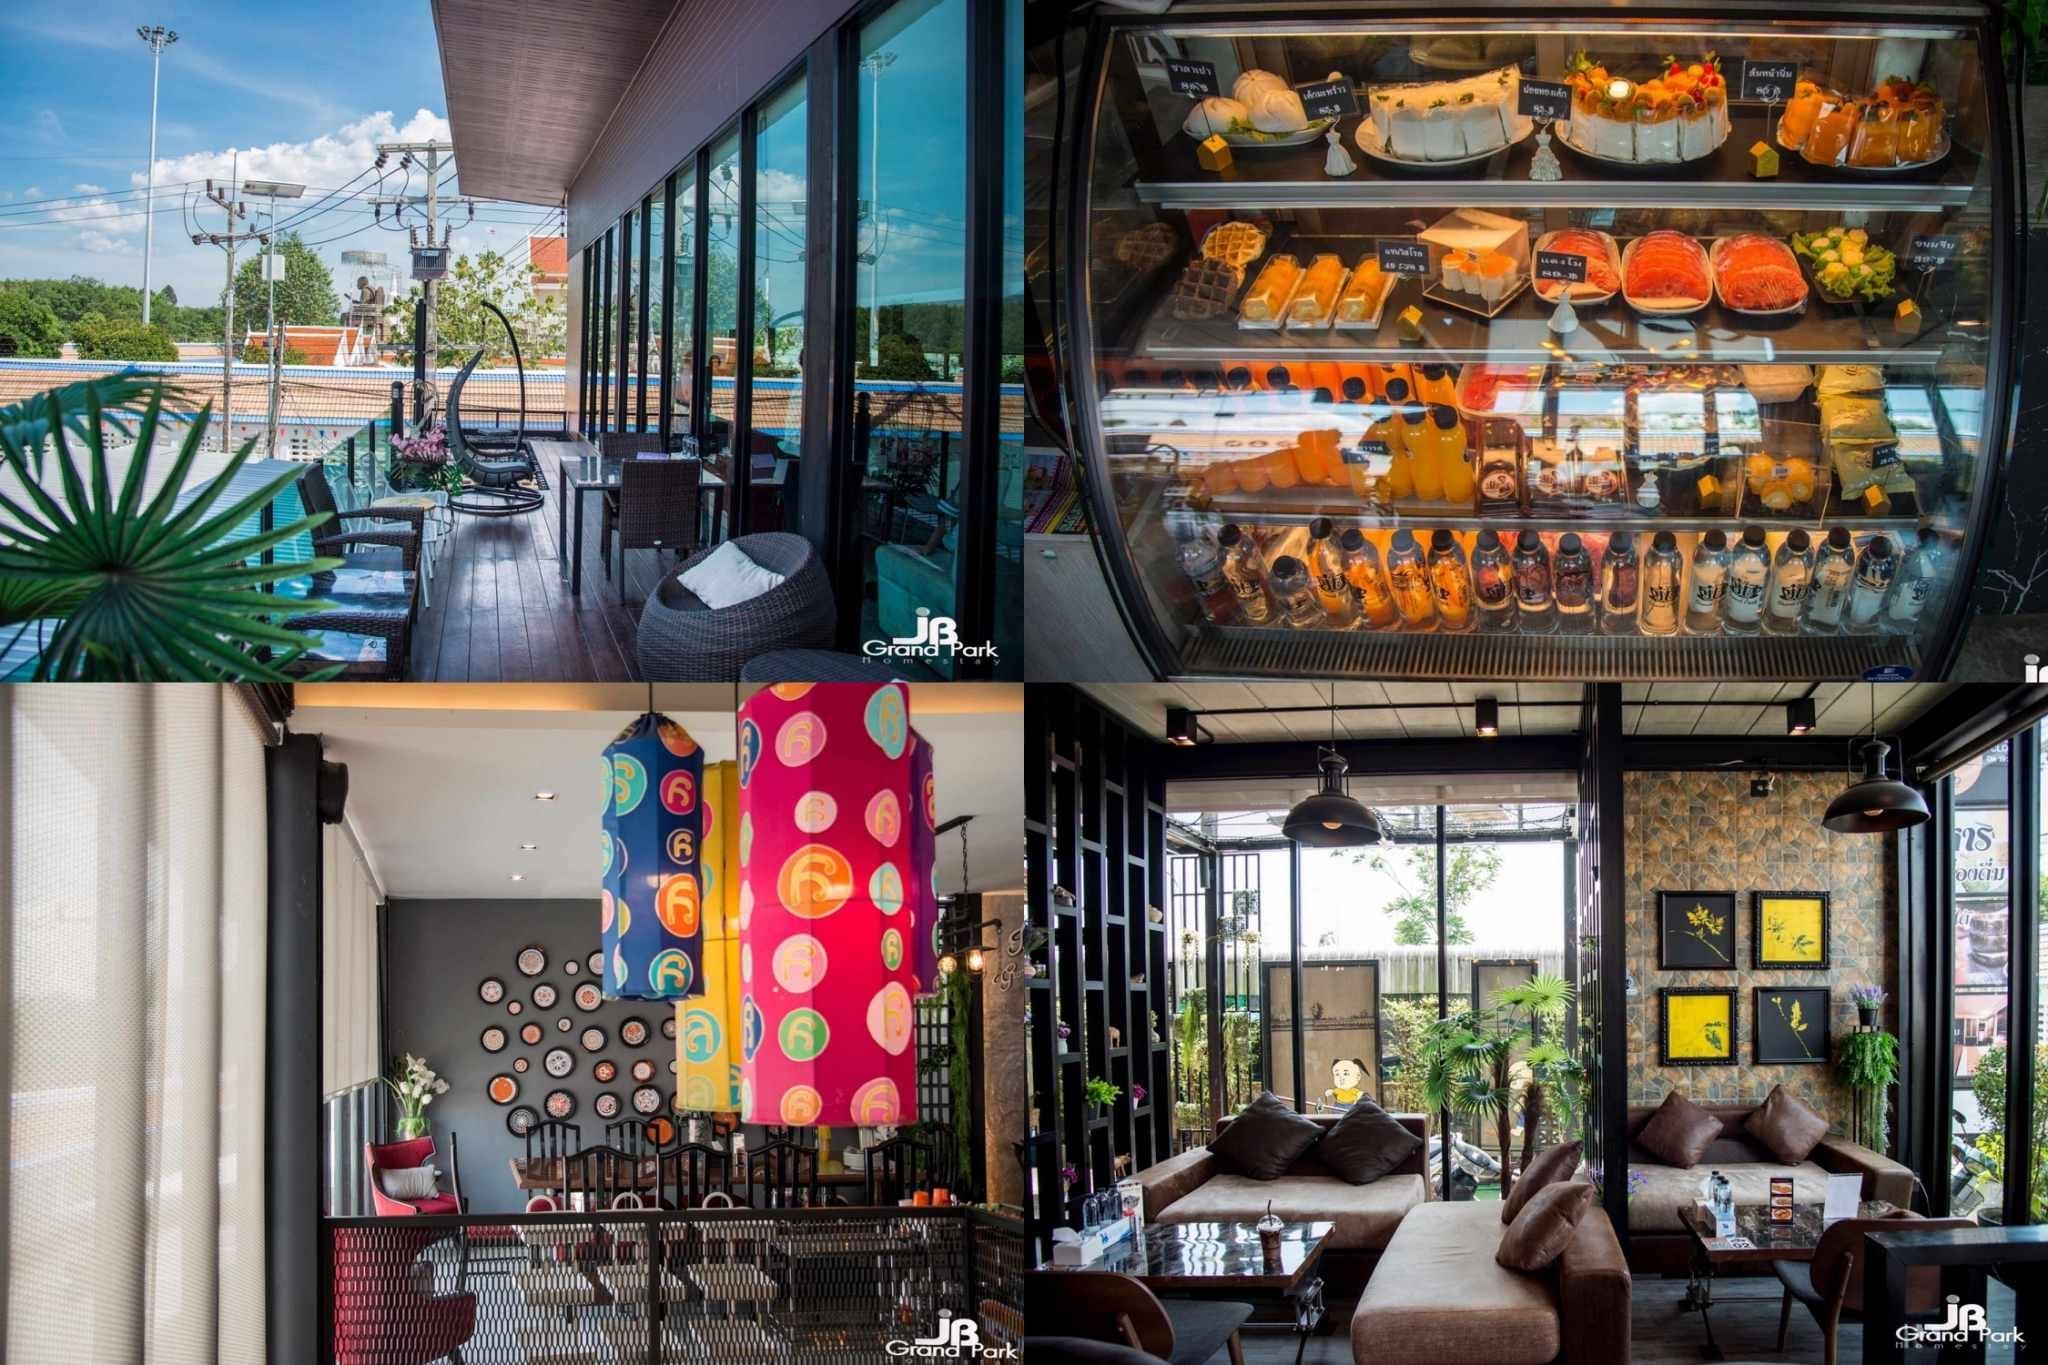 ร้านกว้างมากกกก-2-ชั้นเลยย คาเฟ่,นครศรีธรรมราช,2021,จุดกิน,ของกิน,วิวหลักล้าน,ร้านกาแฟ